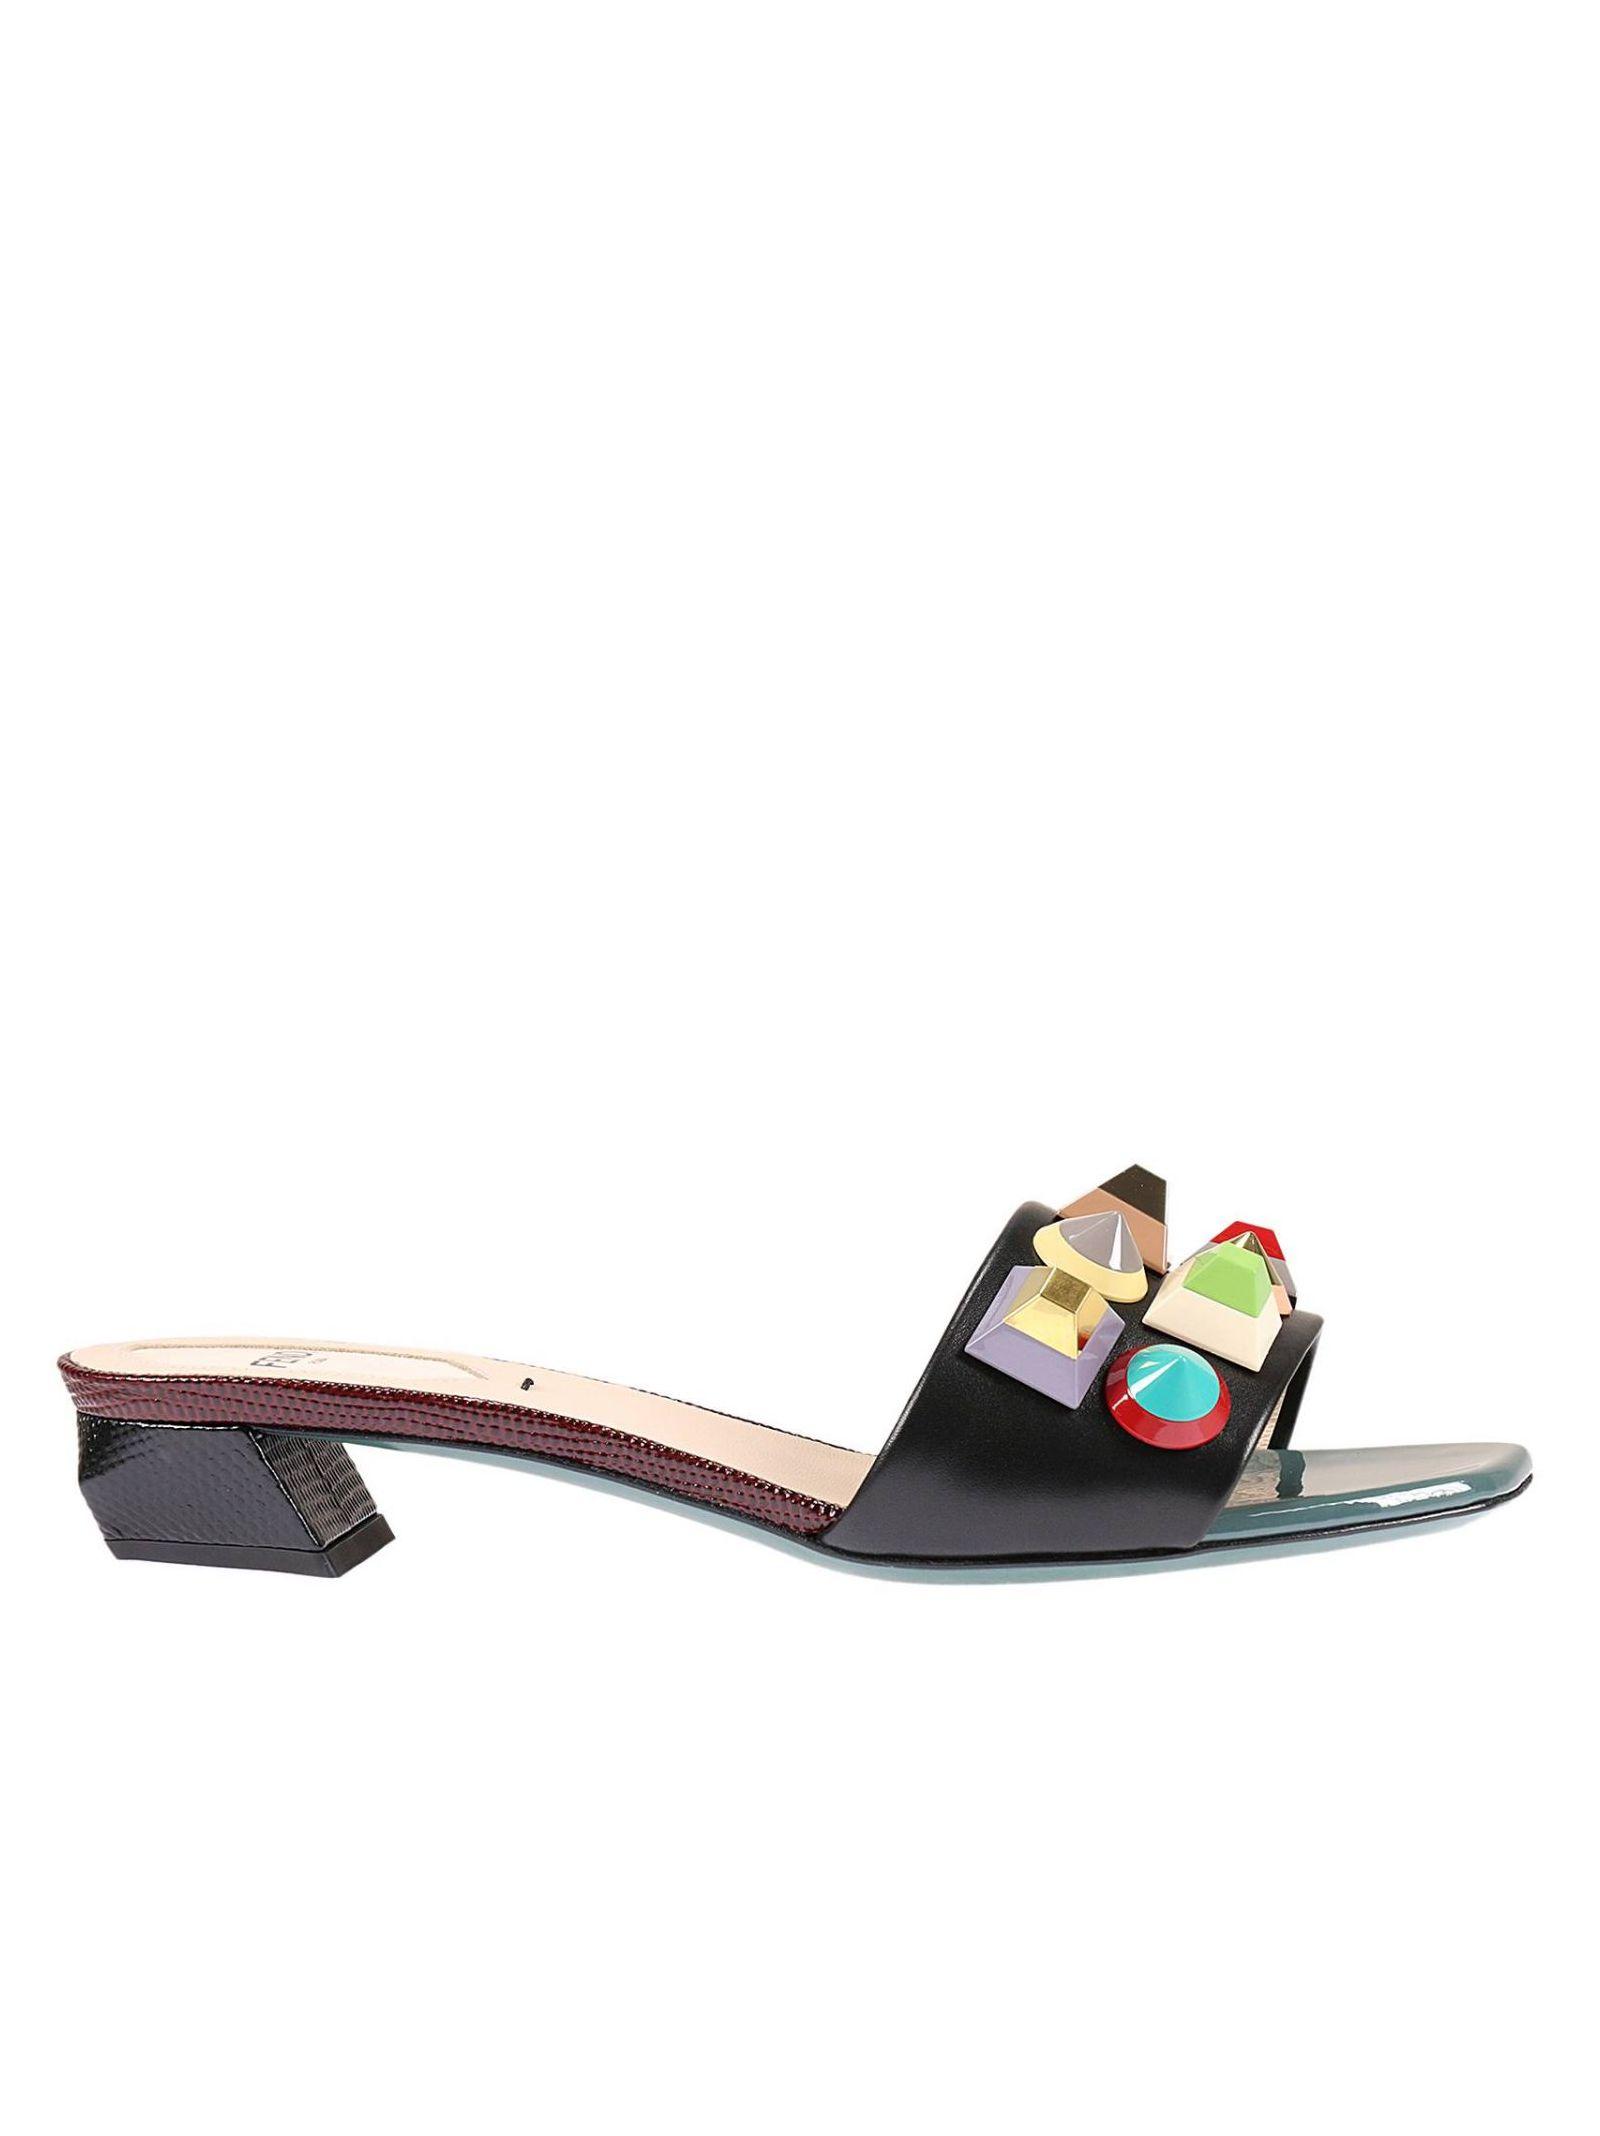 fendi female flat sandals shoes women fendi